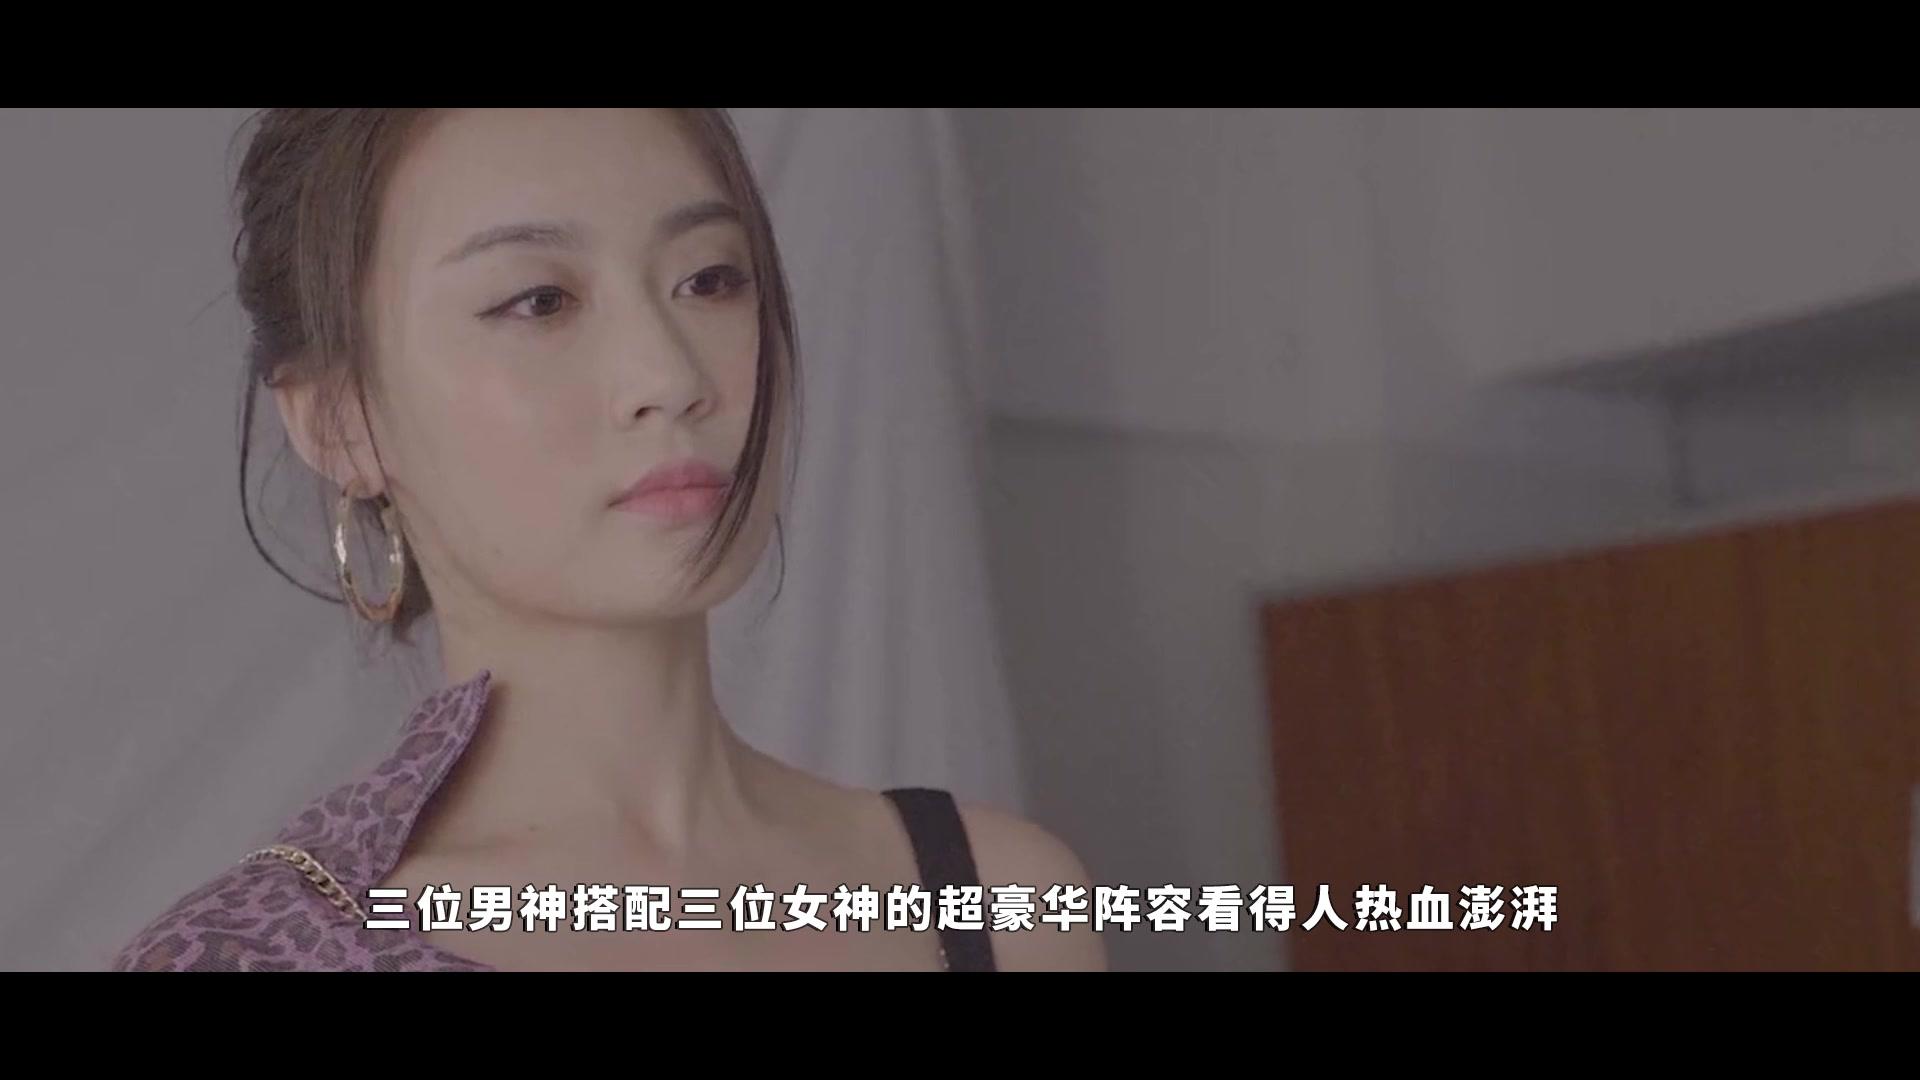 #追剧不能停#《战毒》人物图鉴:黄宗泽周秀娜领衔实力派演员,强强对戏不怕尬